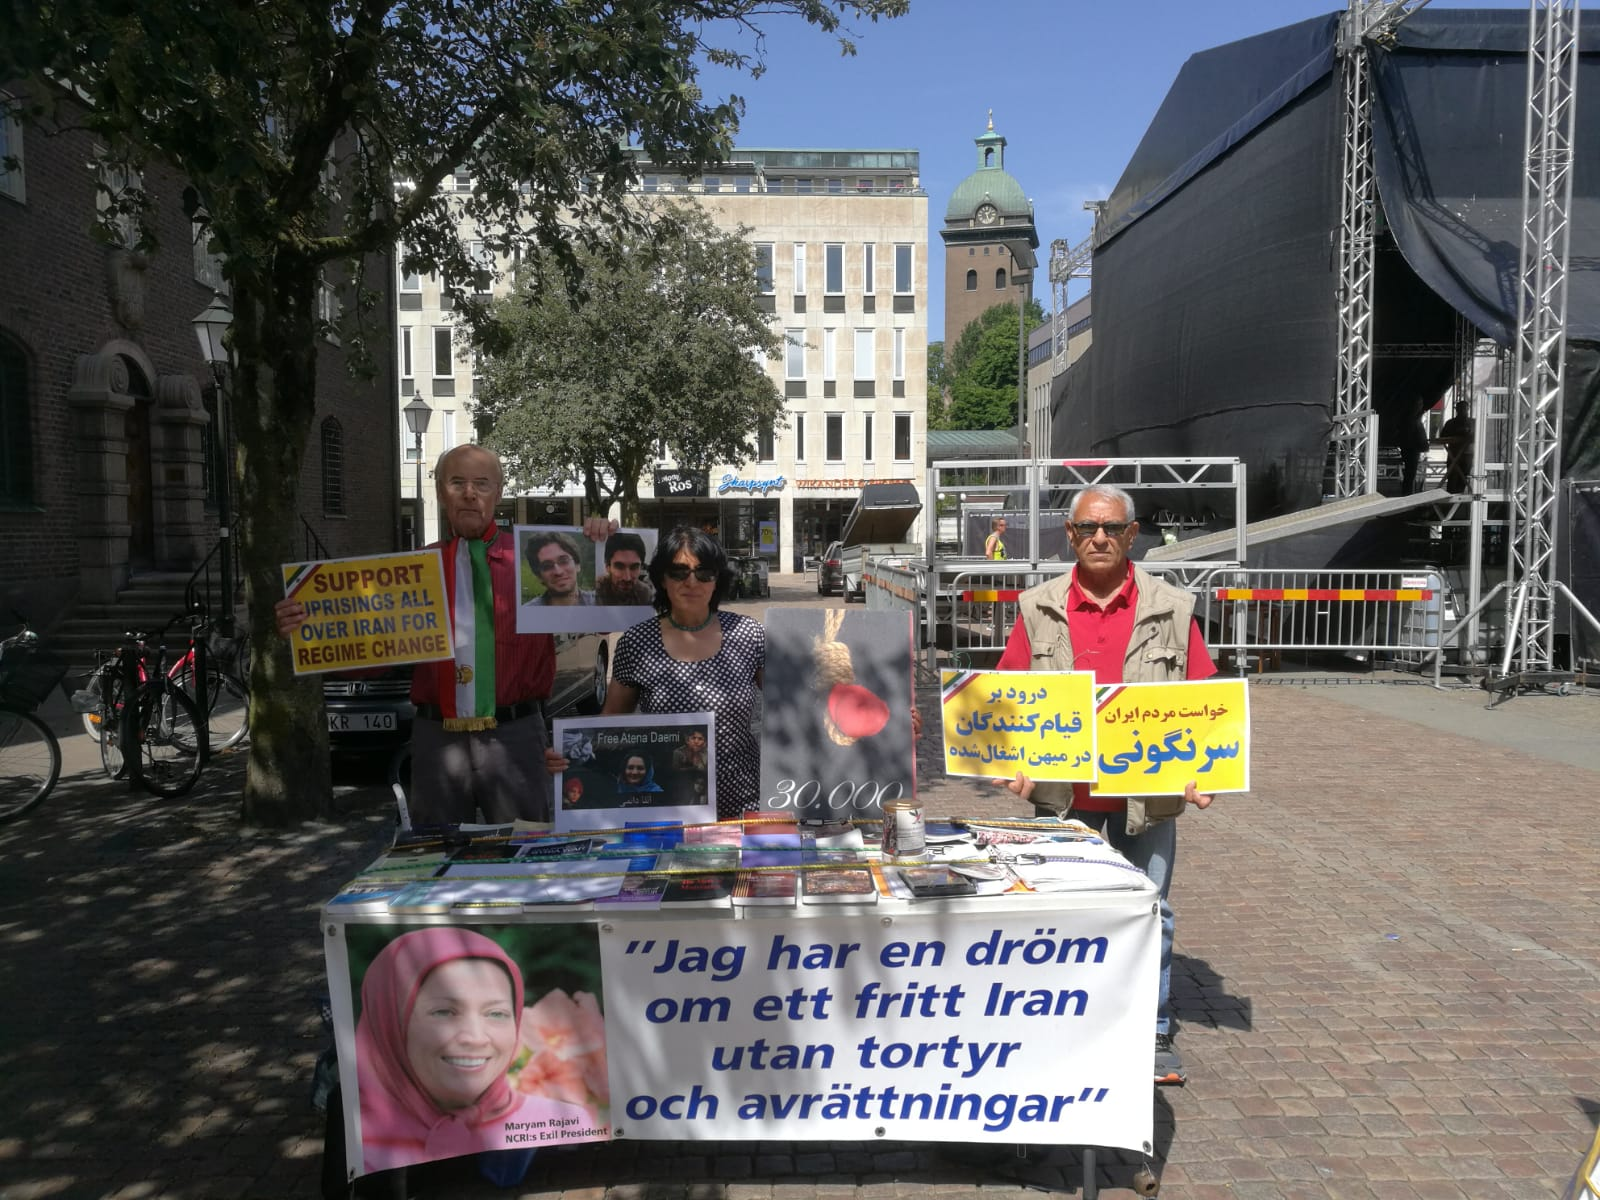 Bokbord i Borås uppmärksammar iranska regimens MR-brott, den 29 juni